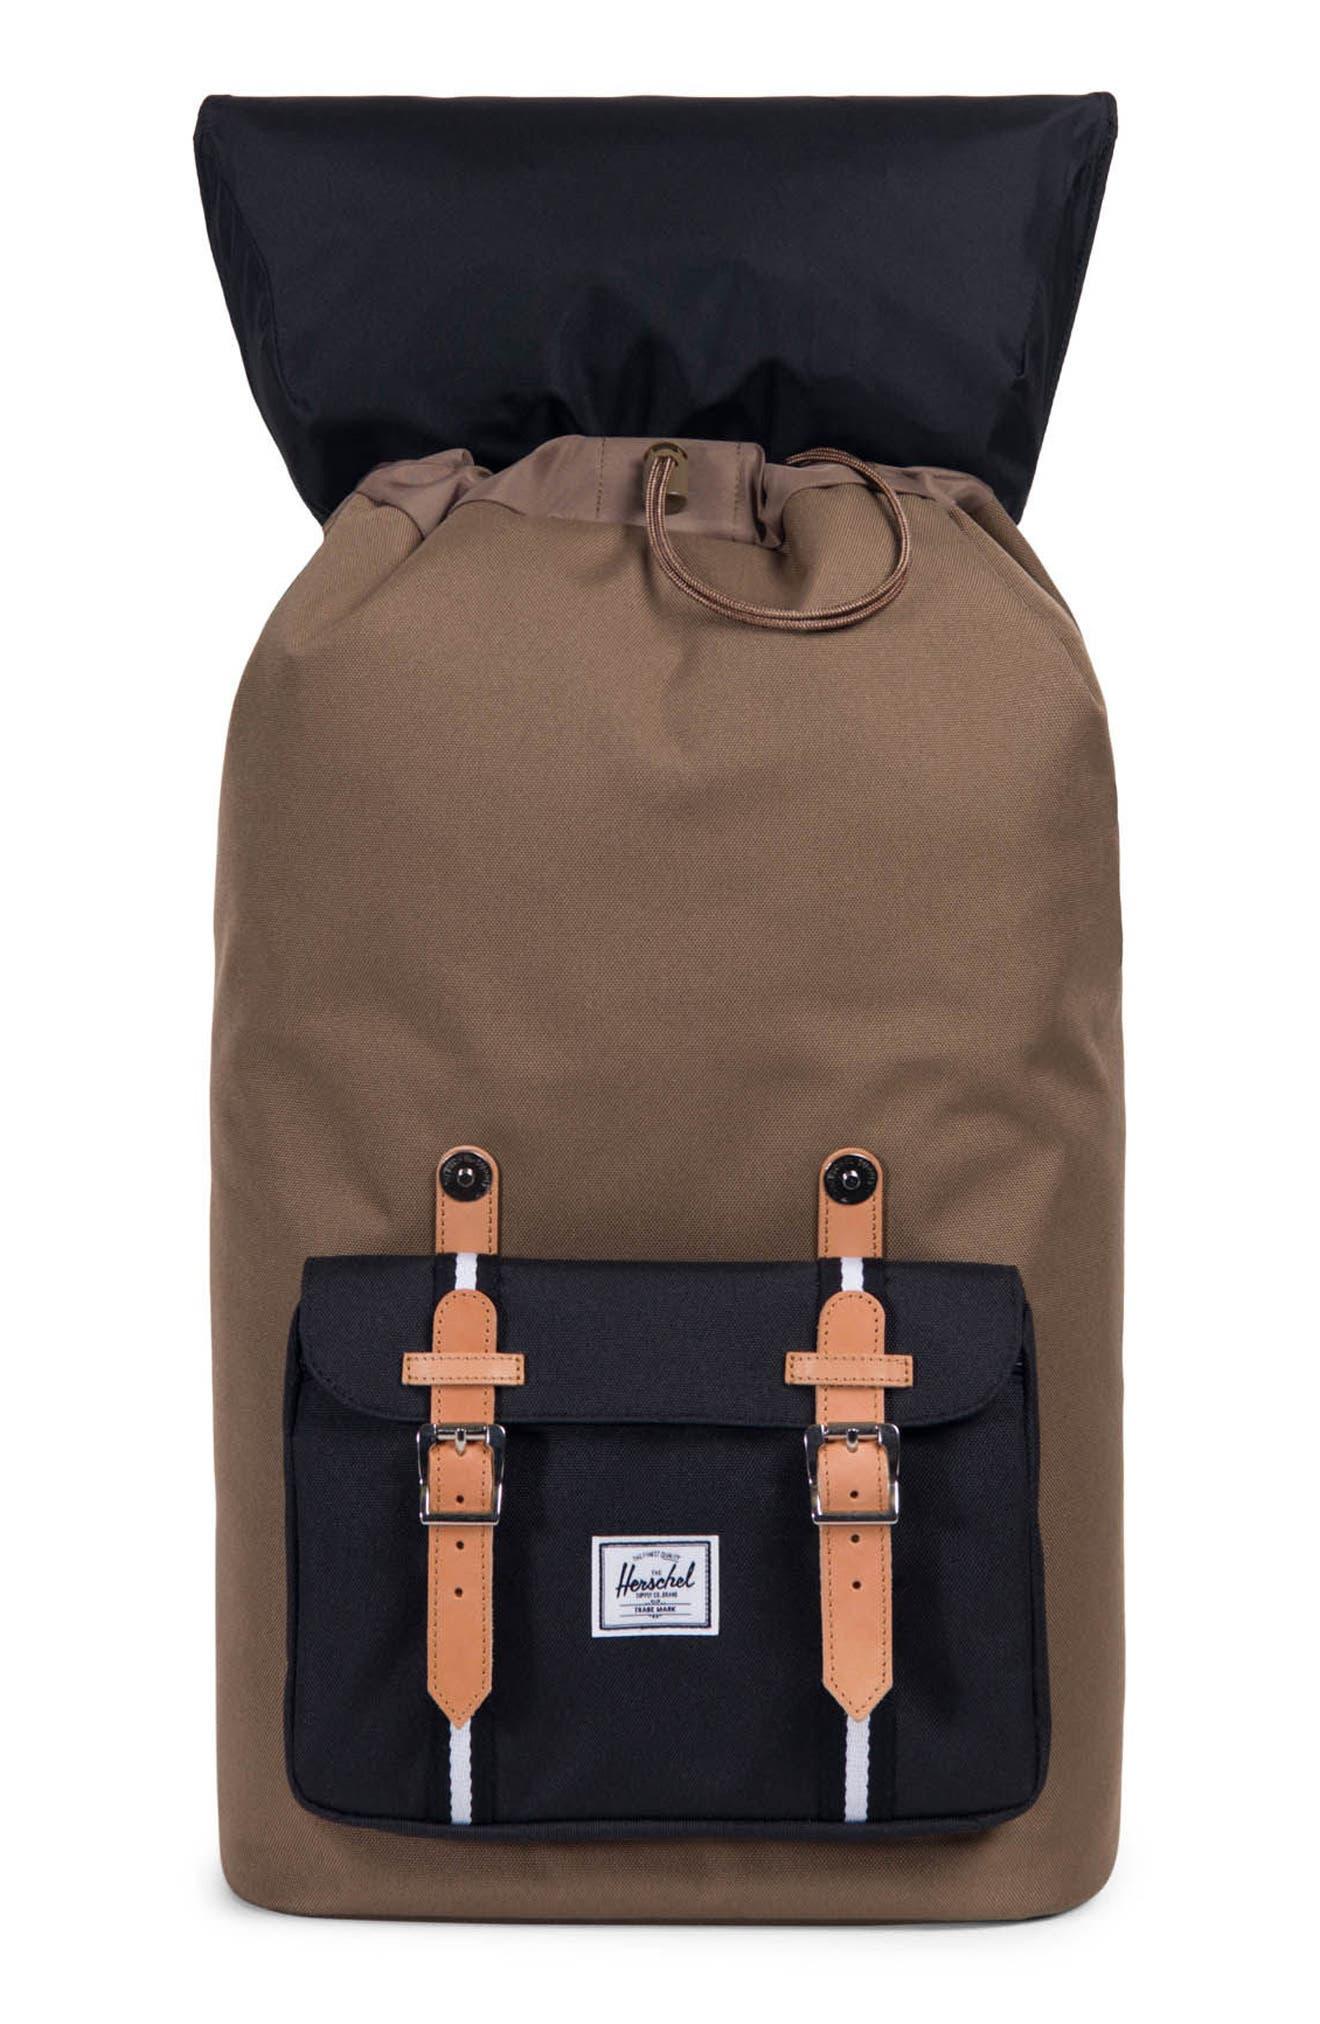 Little America Offset Stripe Backpack,                             Alternate thumbnail 3, color,                             Cub/ Black/ White